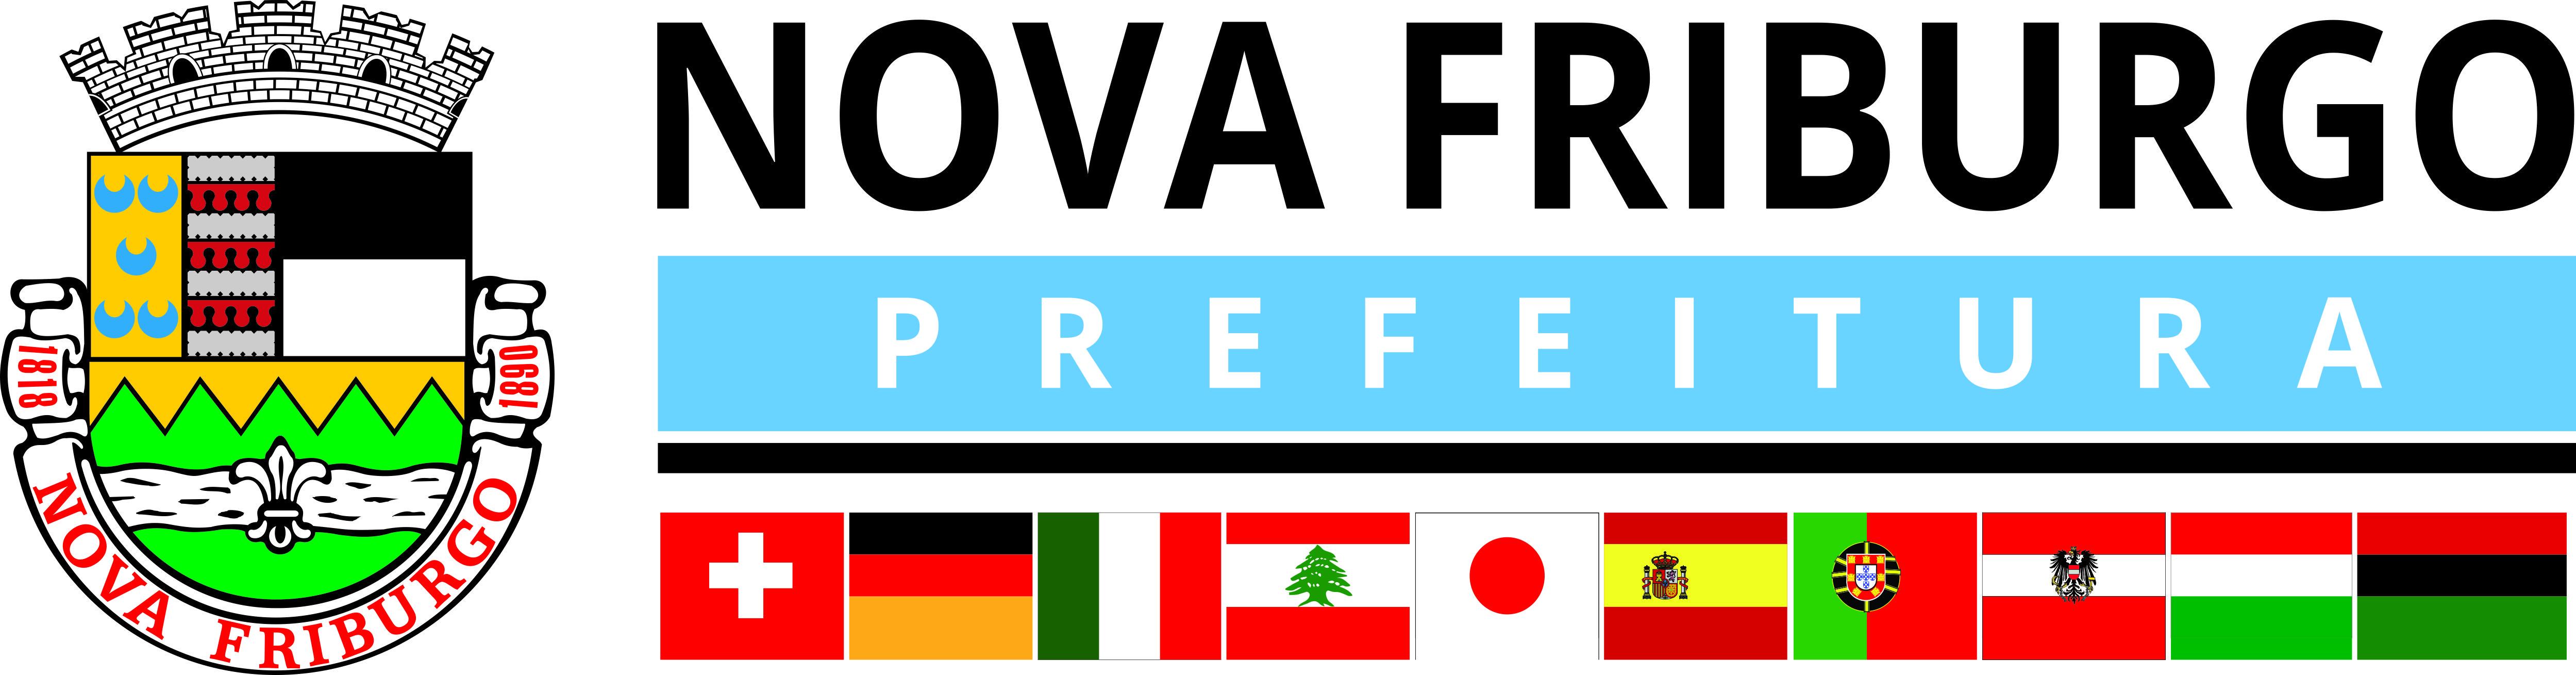 ACIANF - Nova Friburgo Logo photo - 1